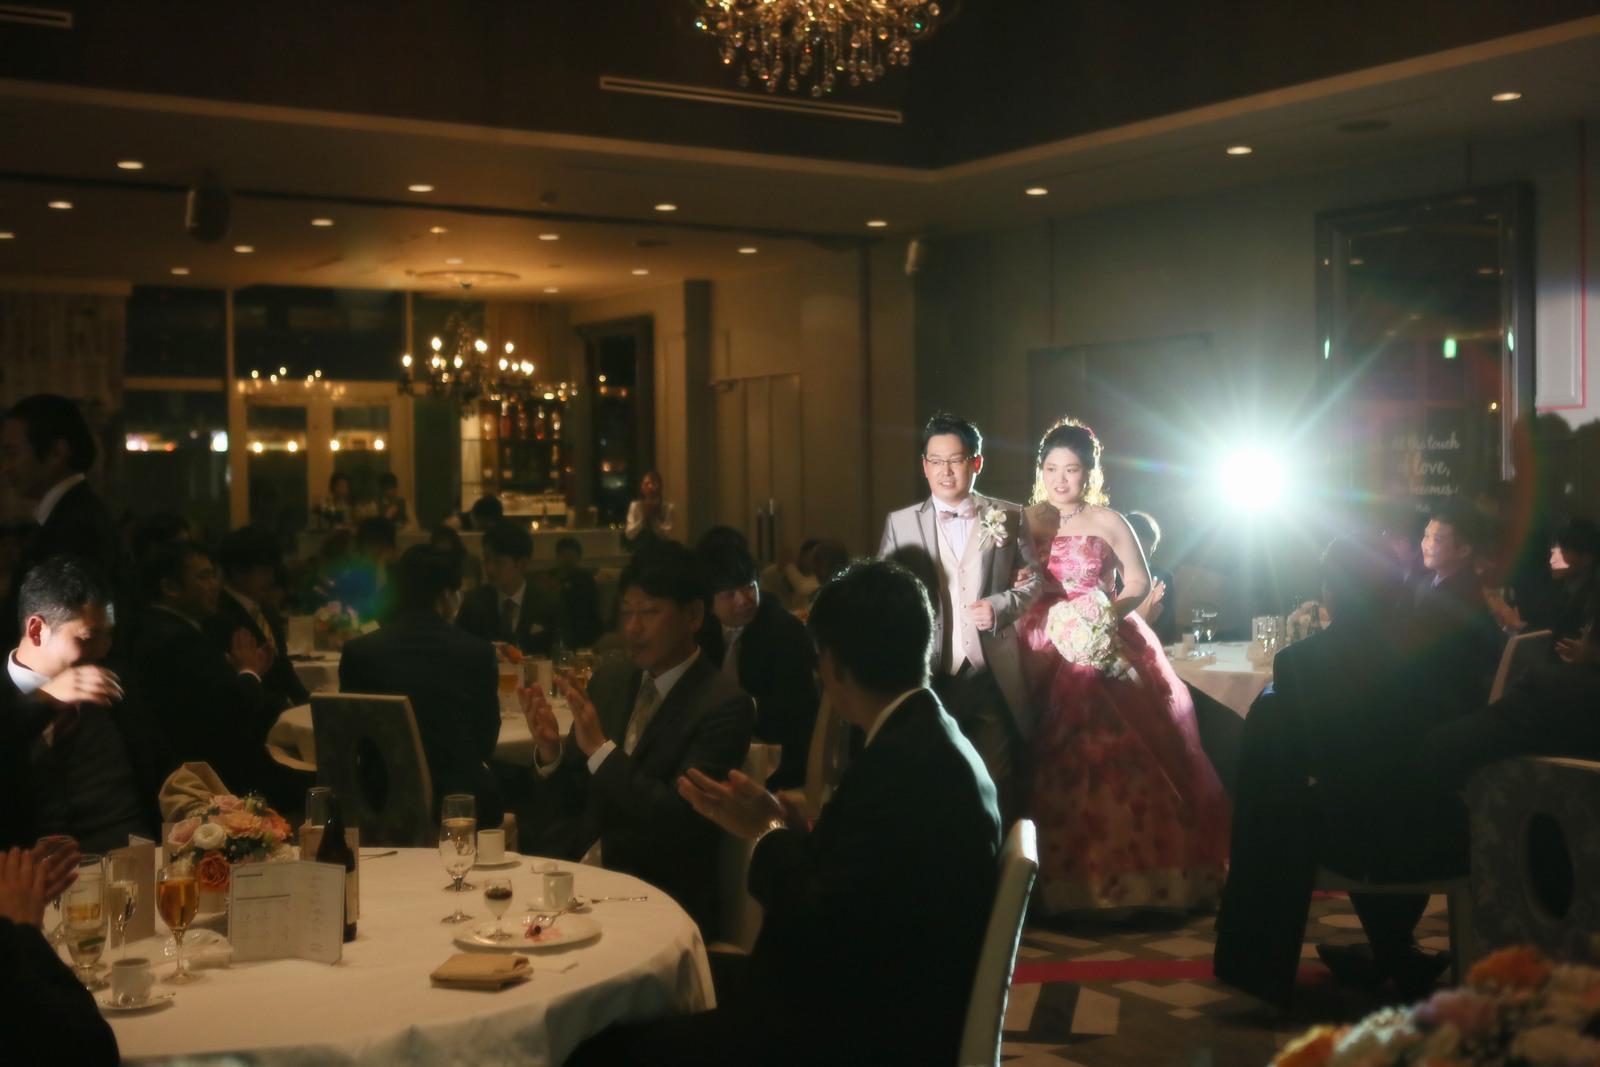 徳島県の結婚式場ブランアンジュの披露宴でお色直し入場する新郎新婦